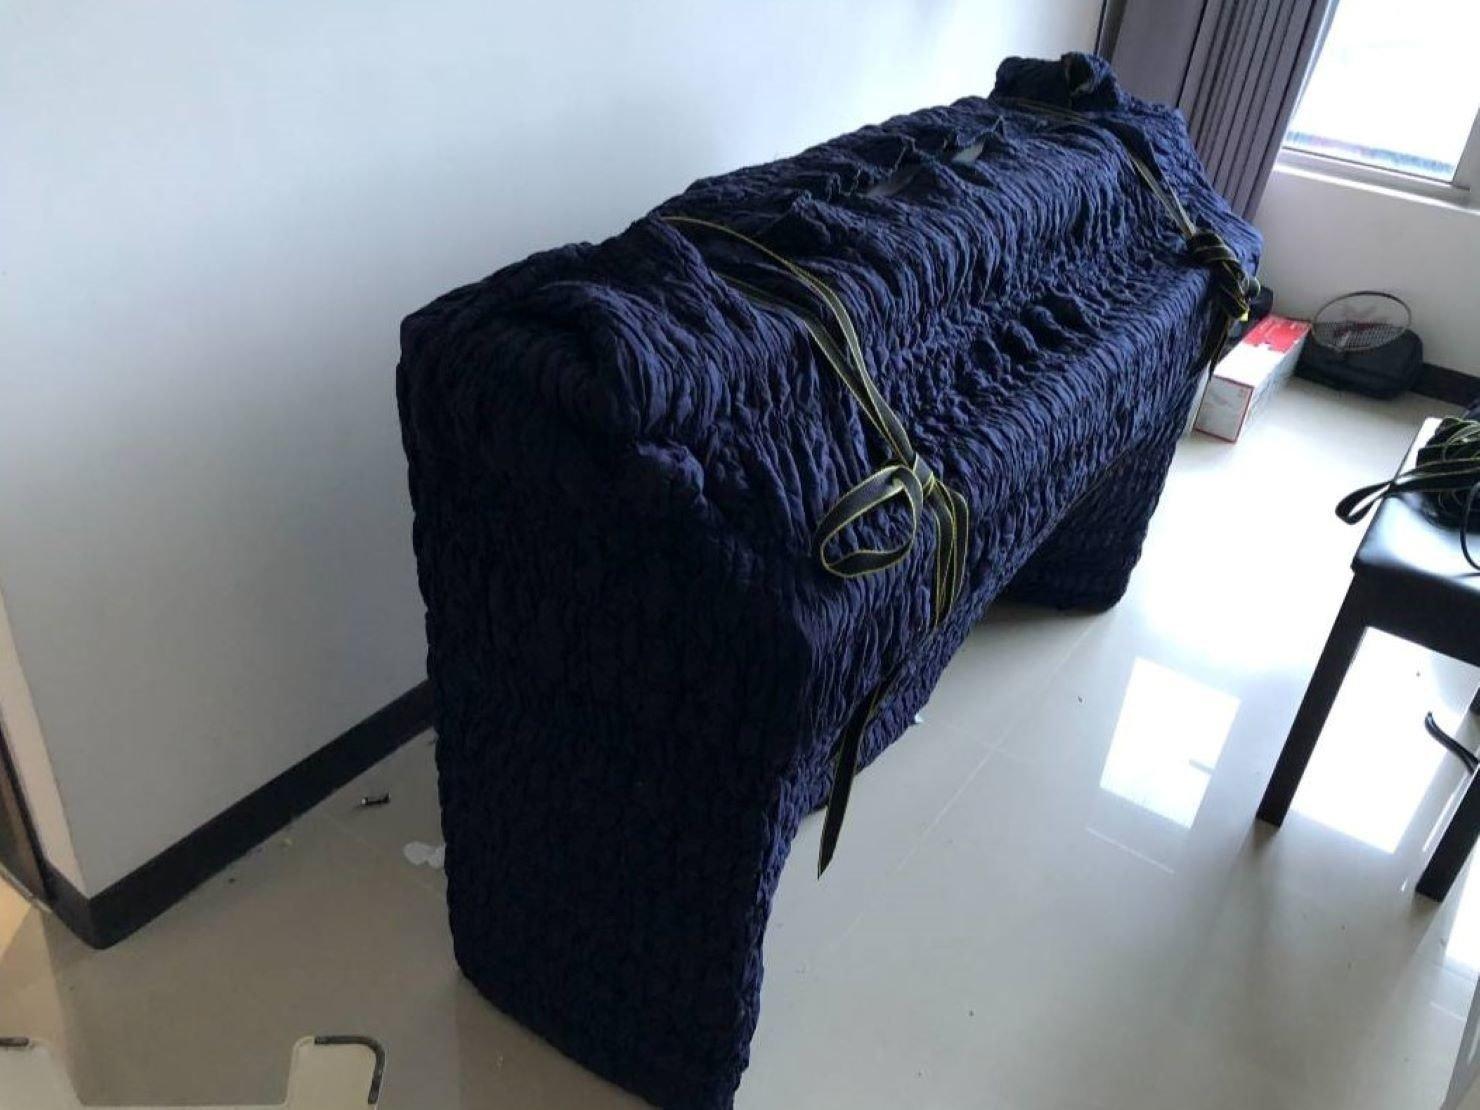 搬家公司推薦【榮福搬家】搬遷好品質值得您的信賴與選擇:電鋼琴以日式伸縮保護布套完整包覆後,兩側再繫上束帶防止布套滑落,也讓師傅們好搬運。